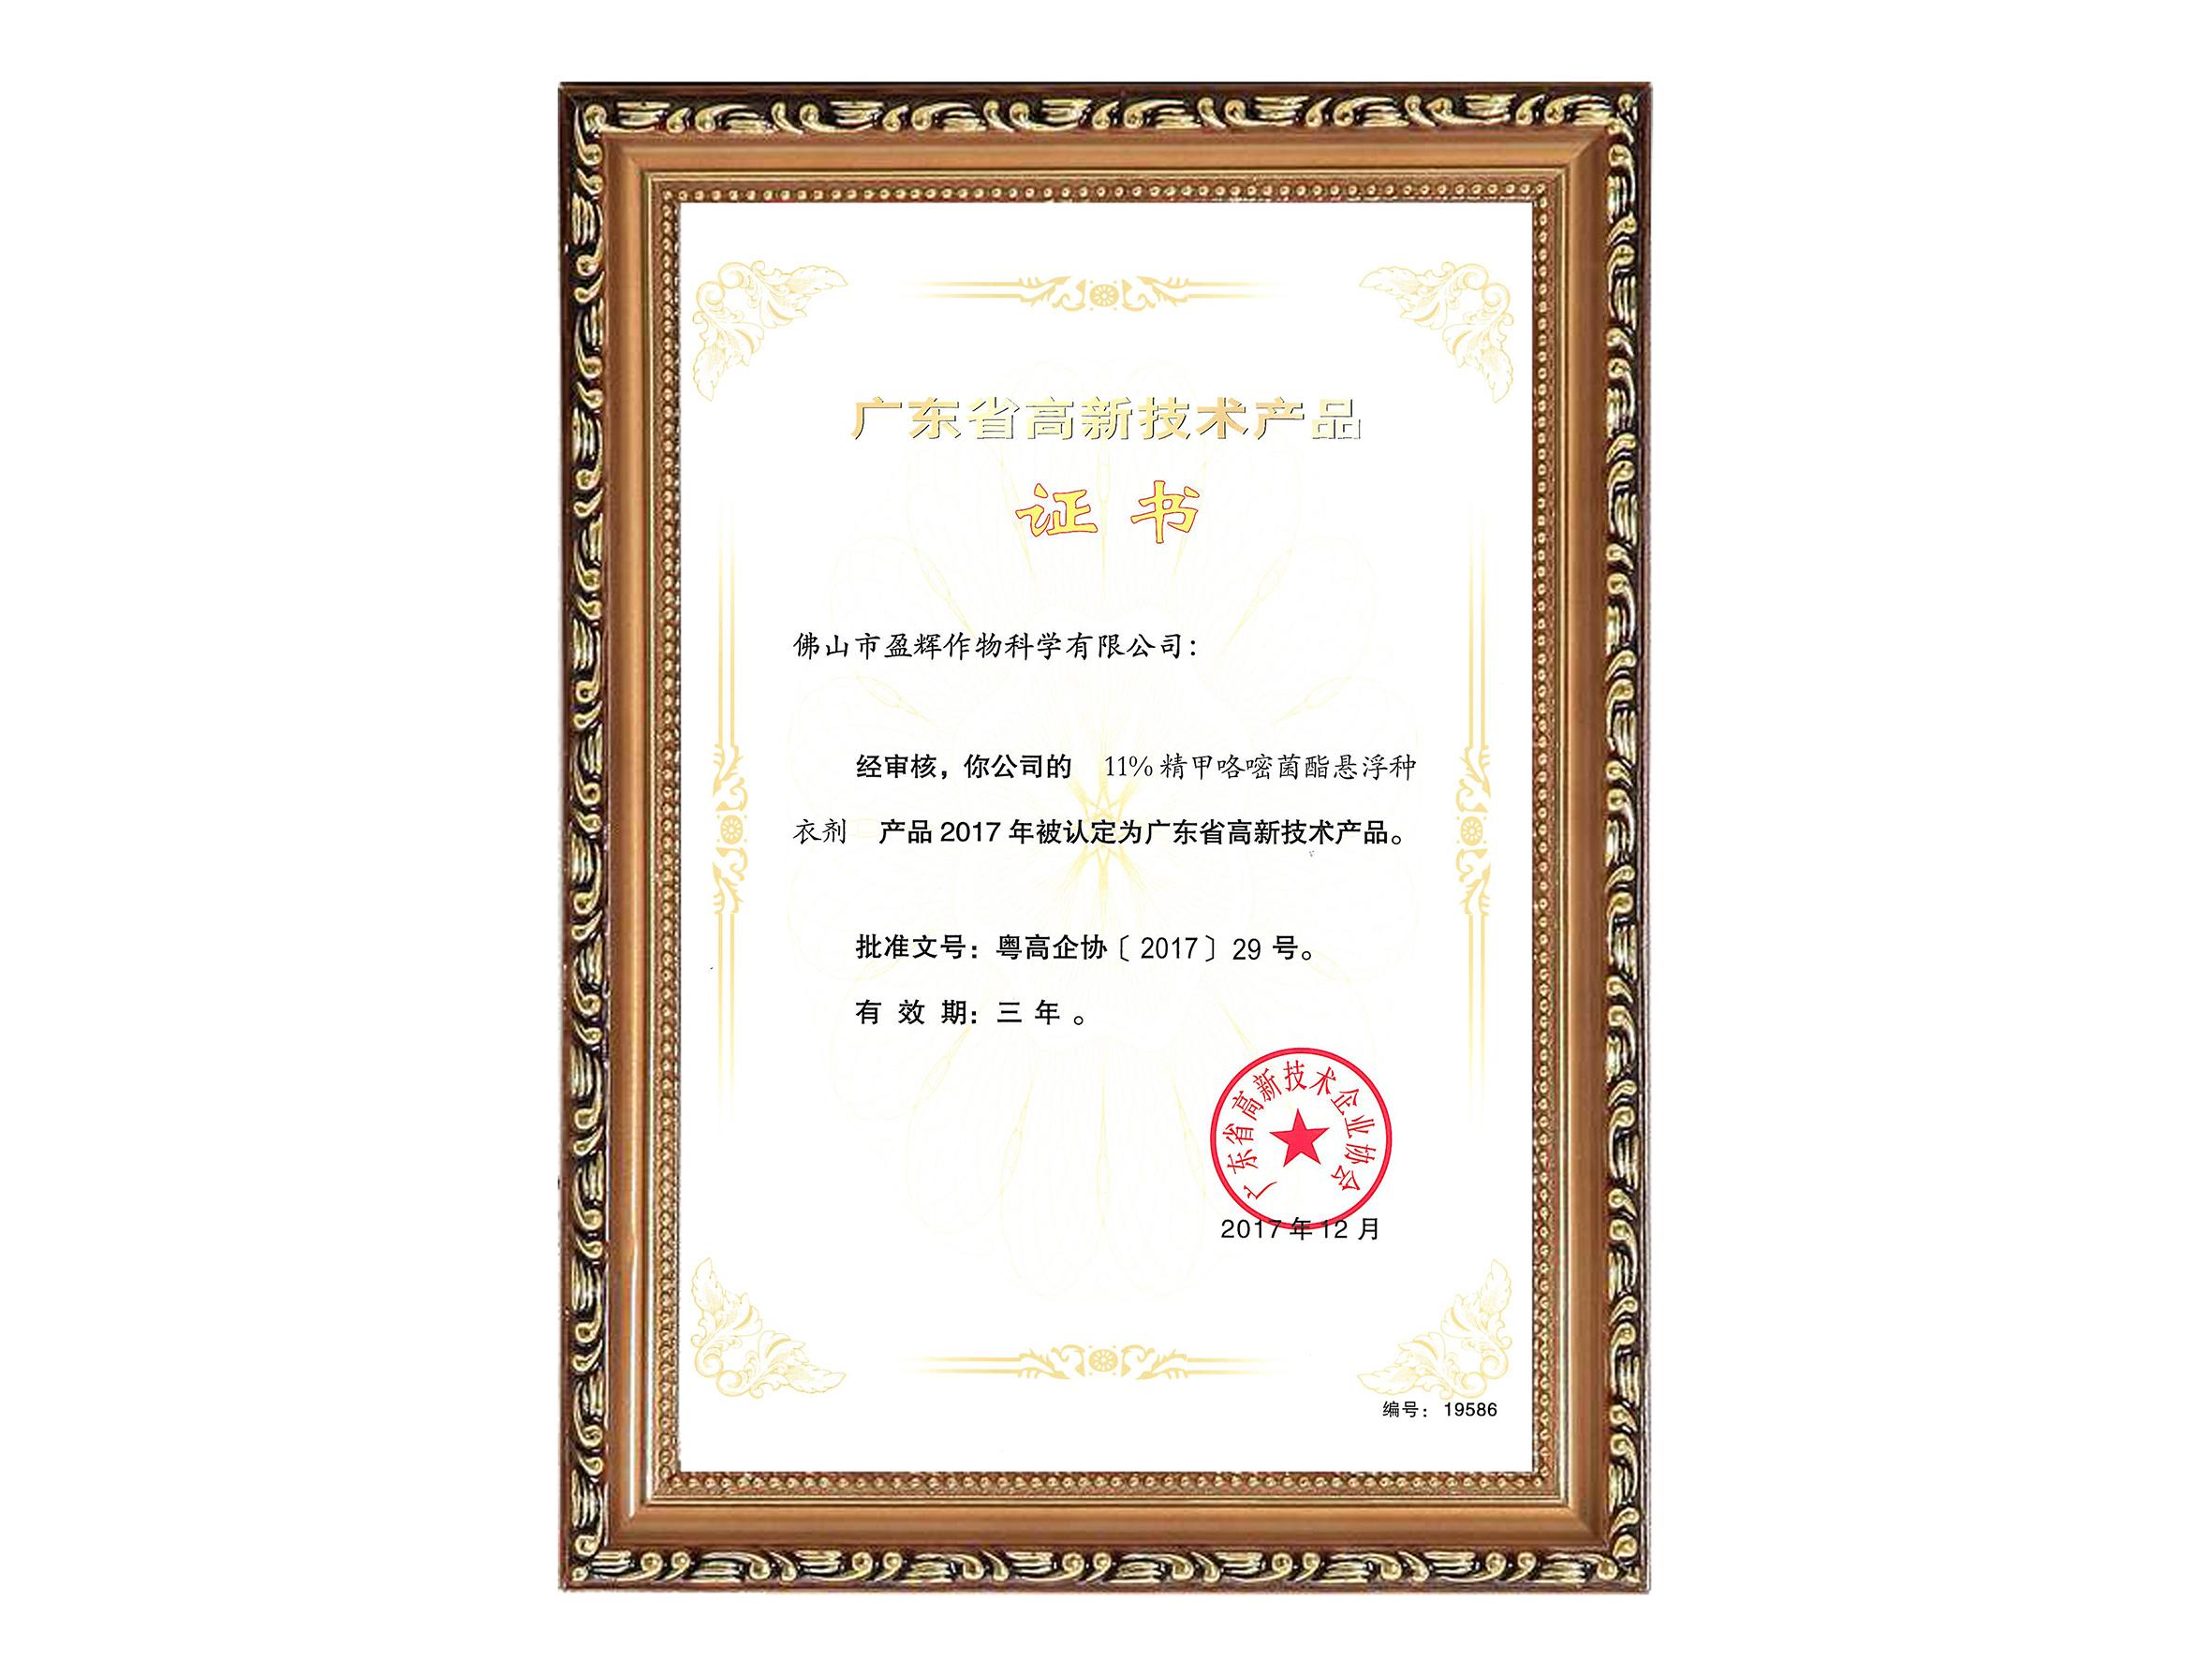 11%精甲咯嘧菌酯悬浮种衣剂-广东省高新技术产品-2017